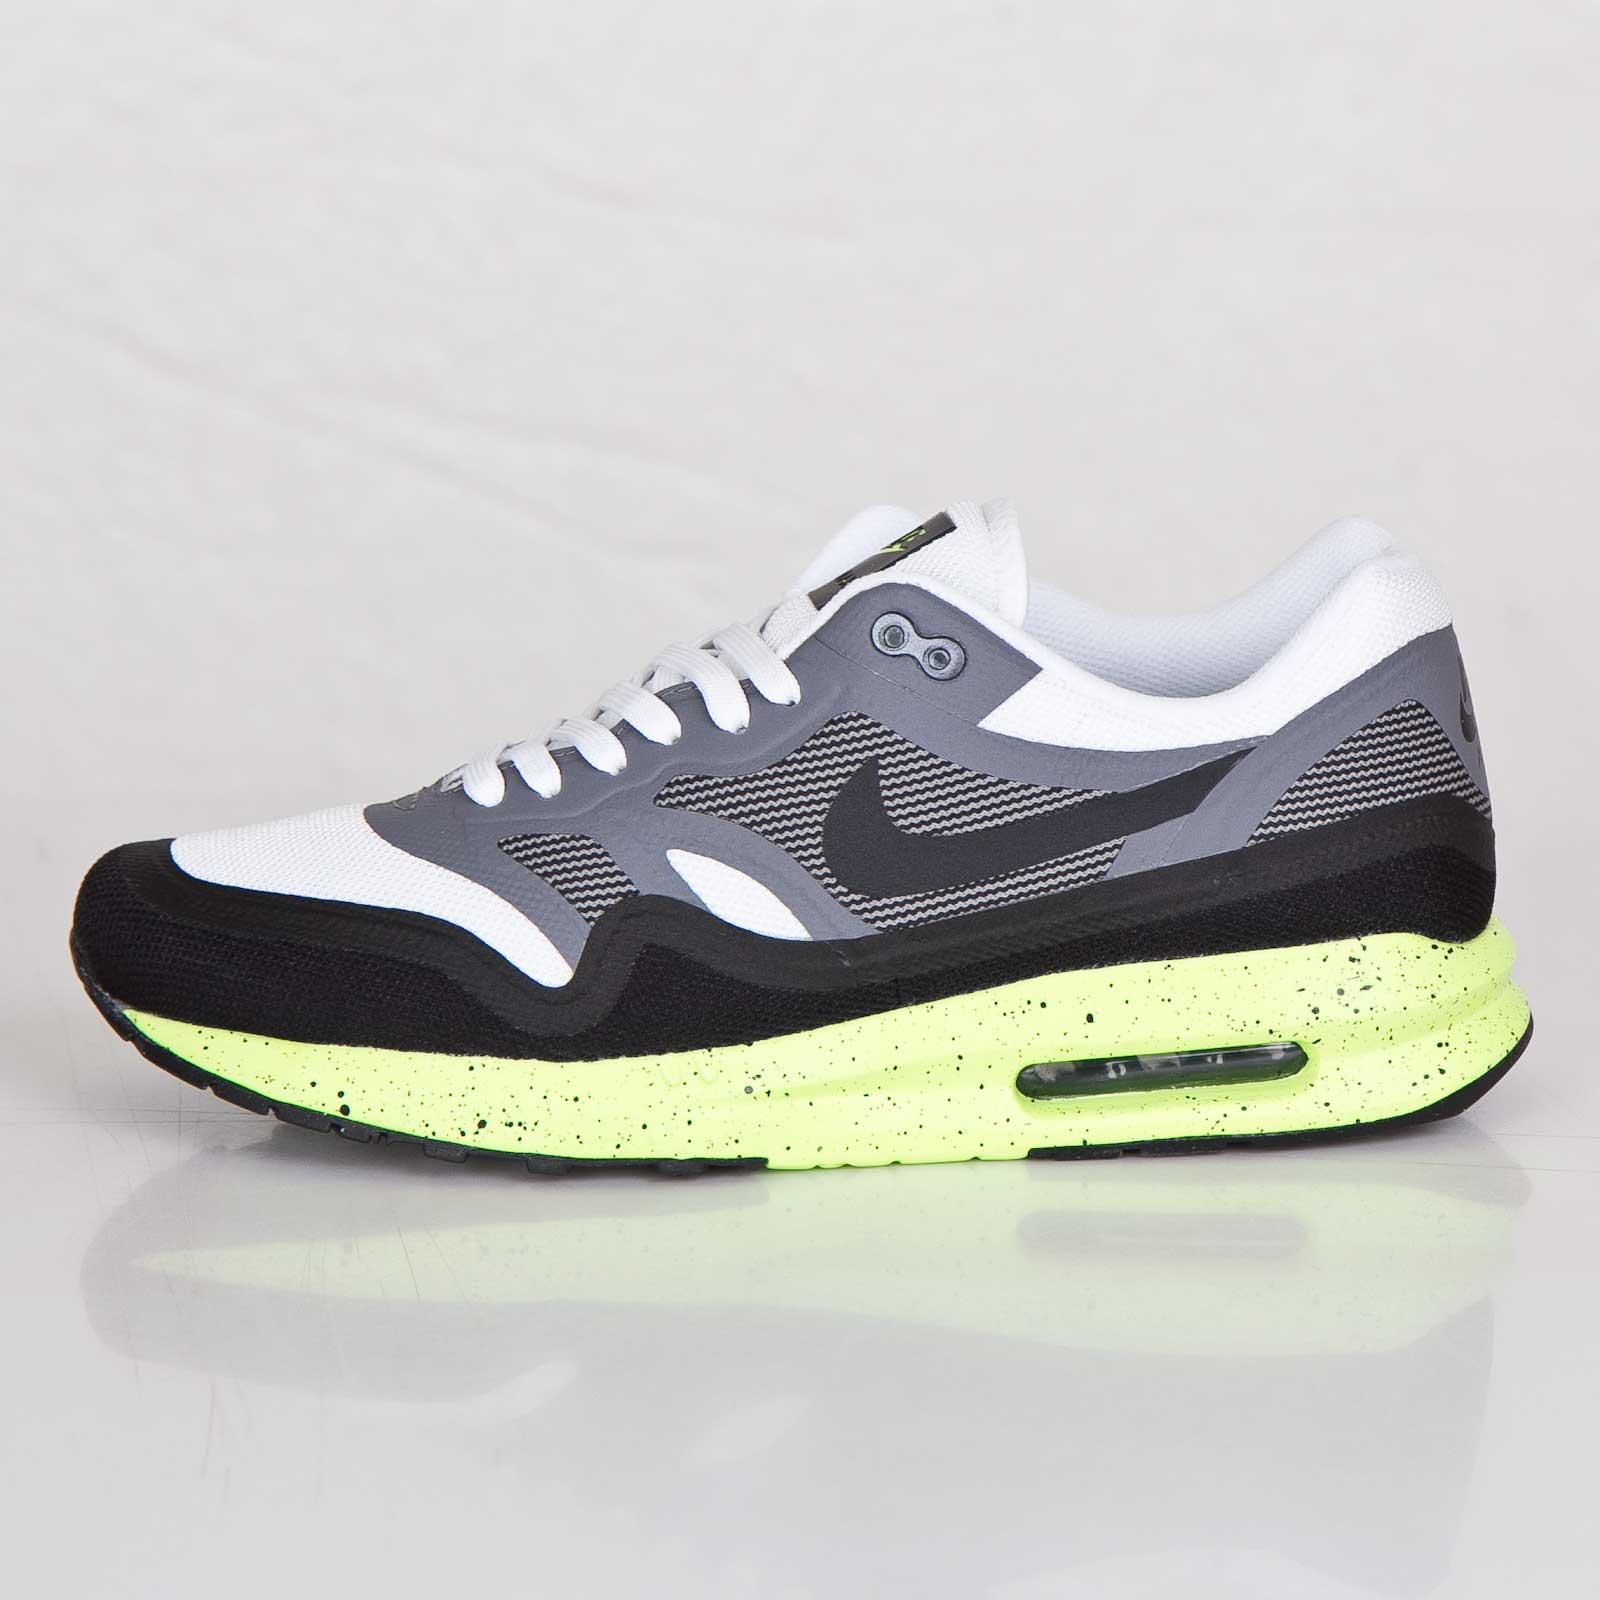 Mens Shoes Nike Air Max Lunar1 White Black Volt 654469 100 654469 100